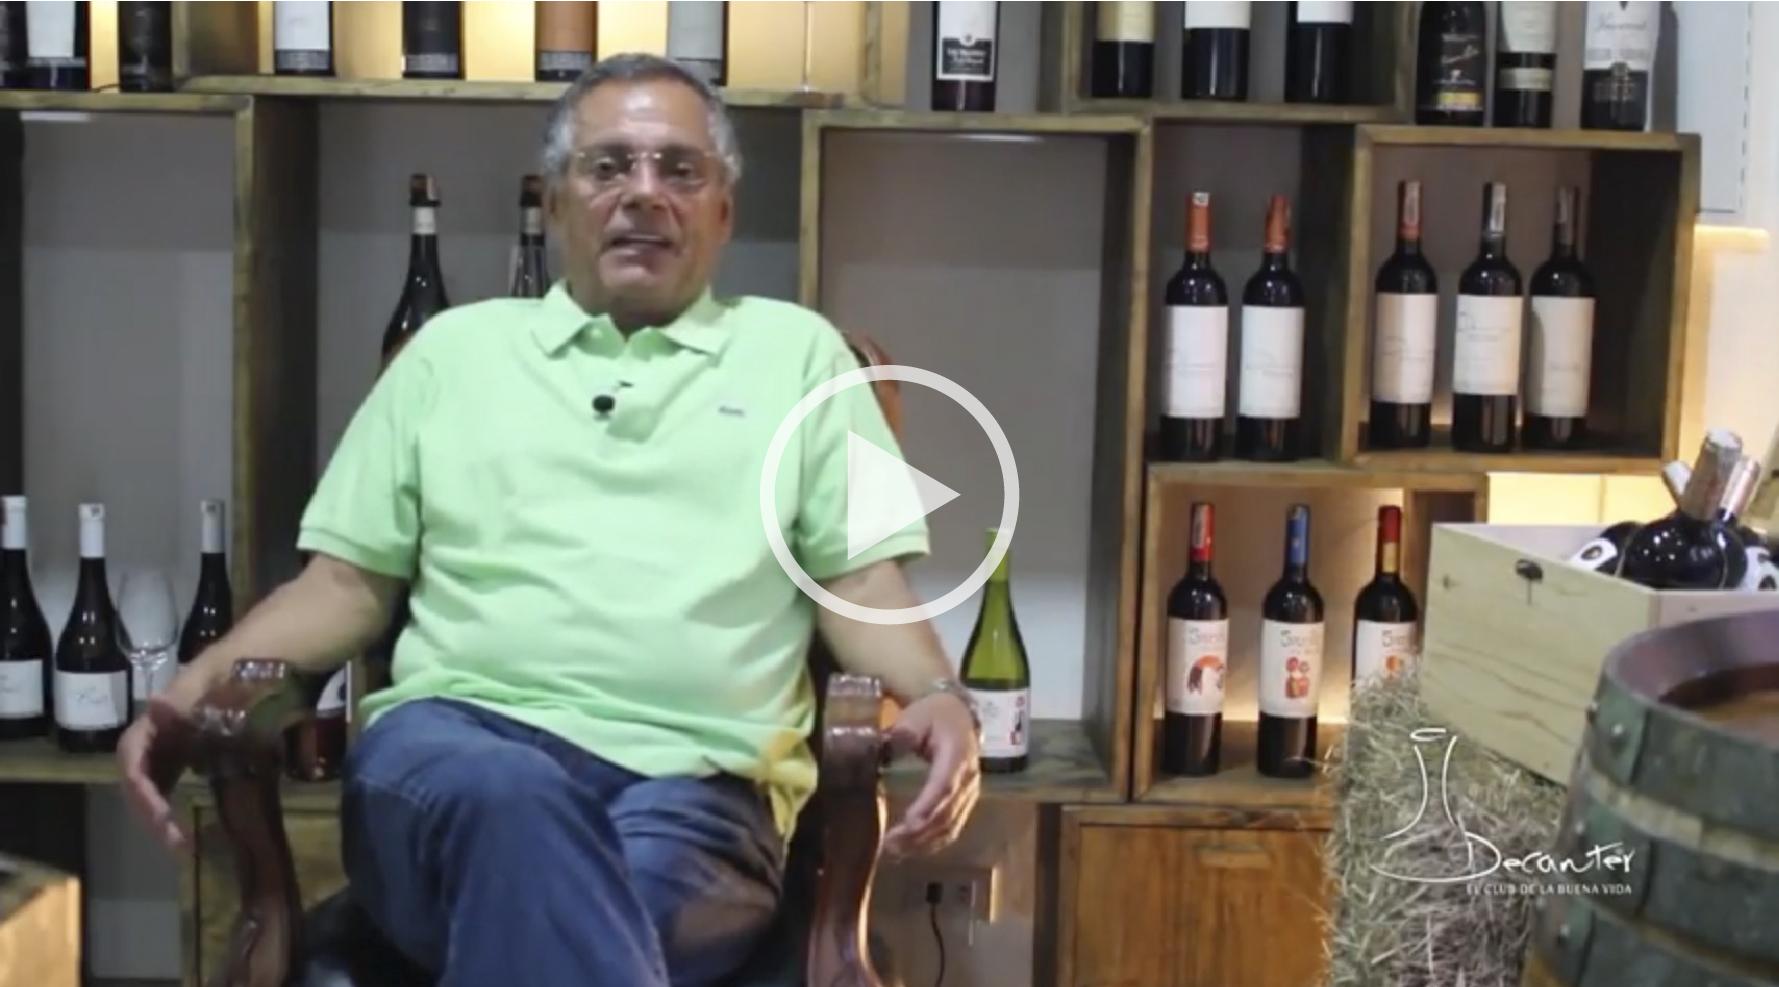 Cub de vinos Decanter